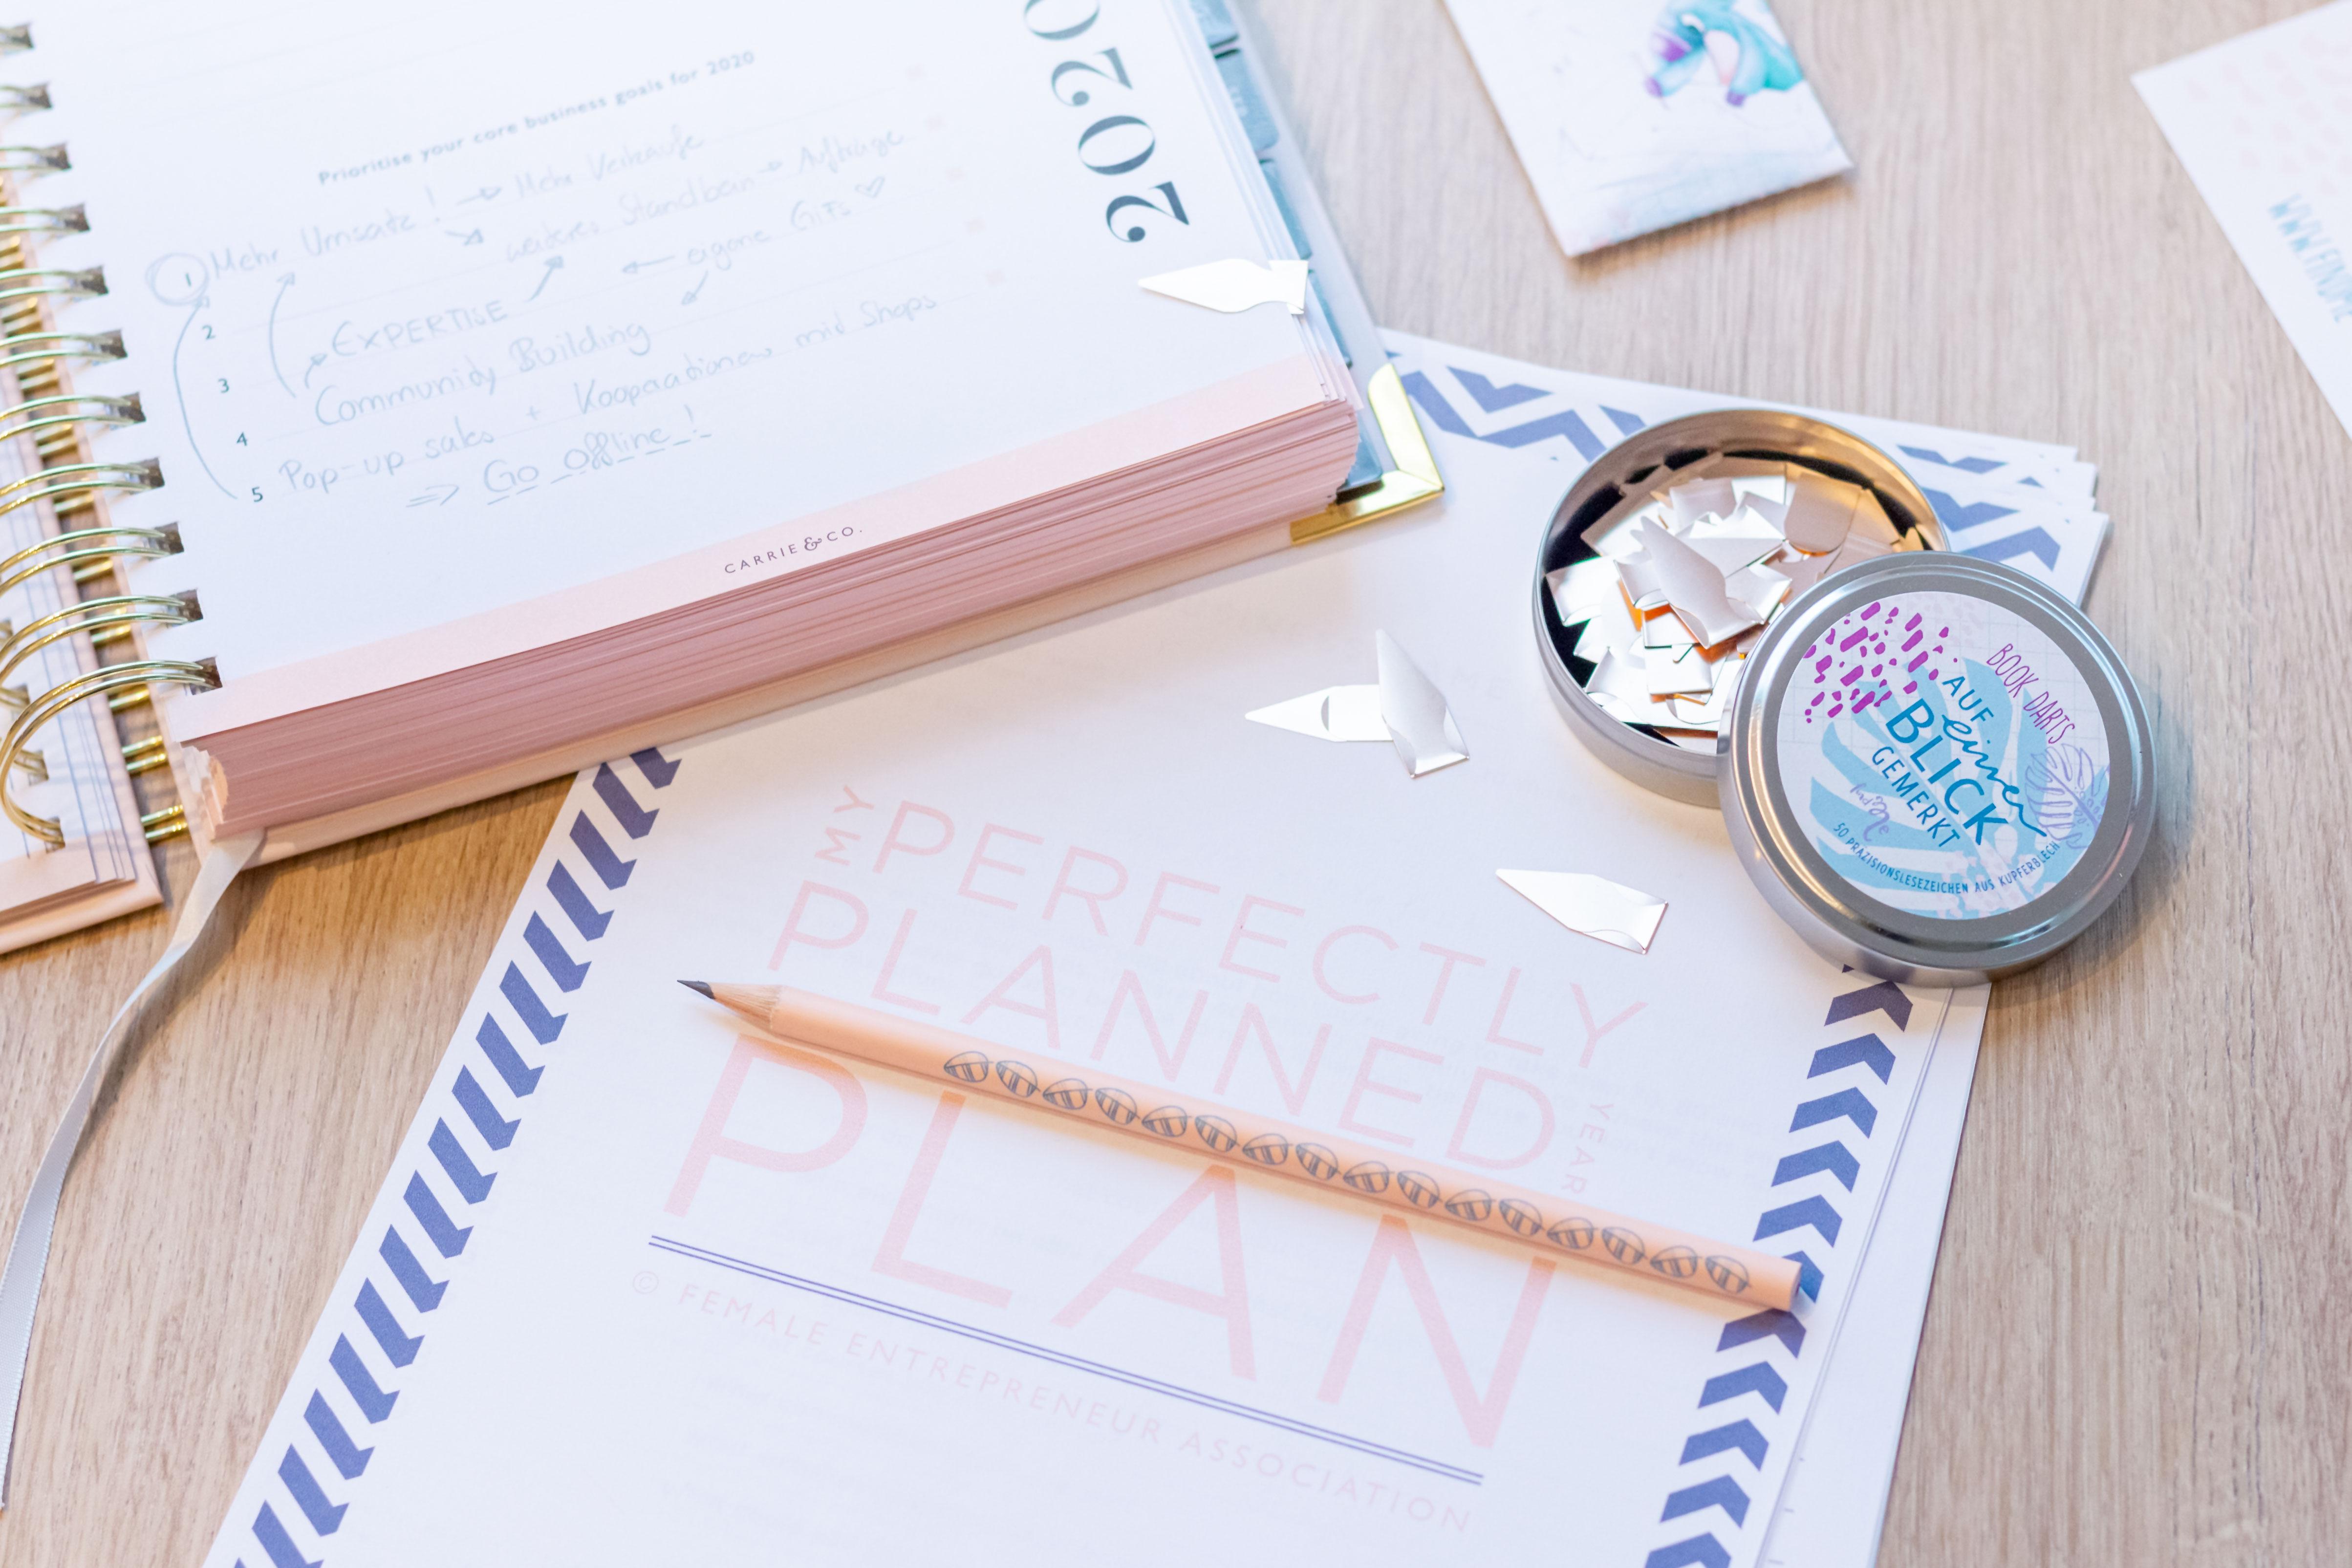 Perfectly Planned - Planer und Workbook von Carrie & Co.